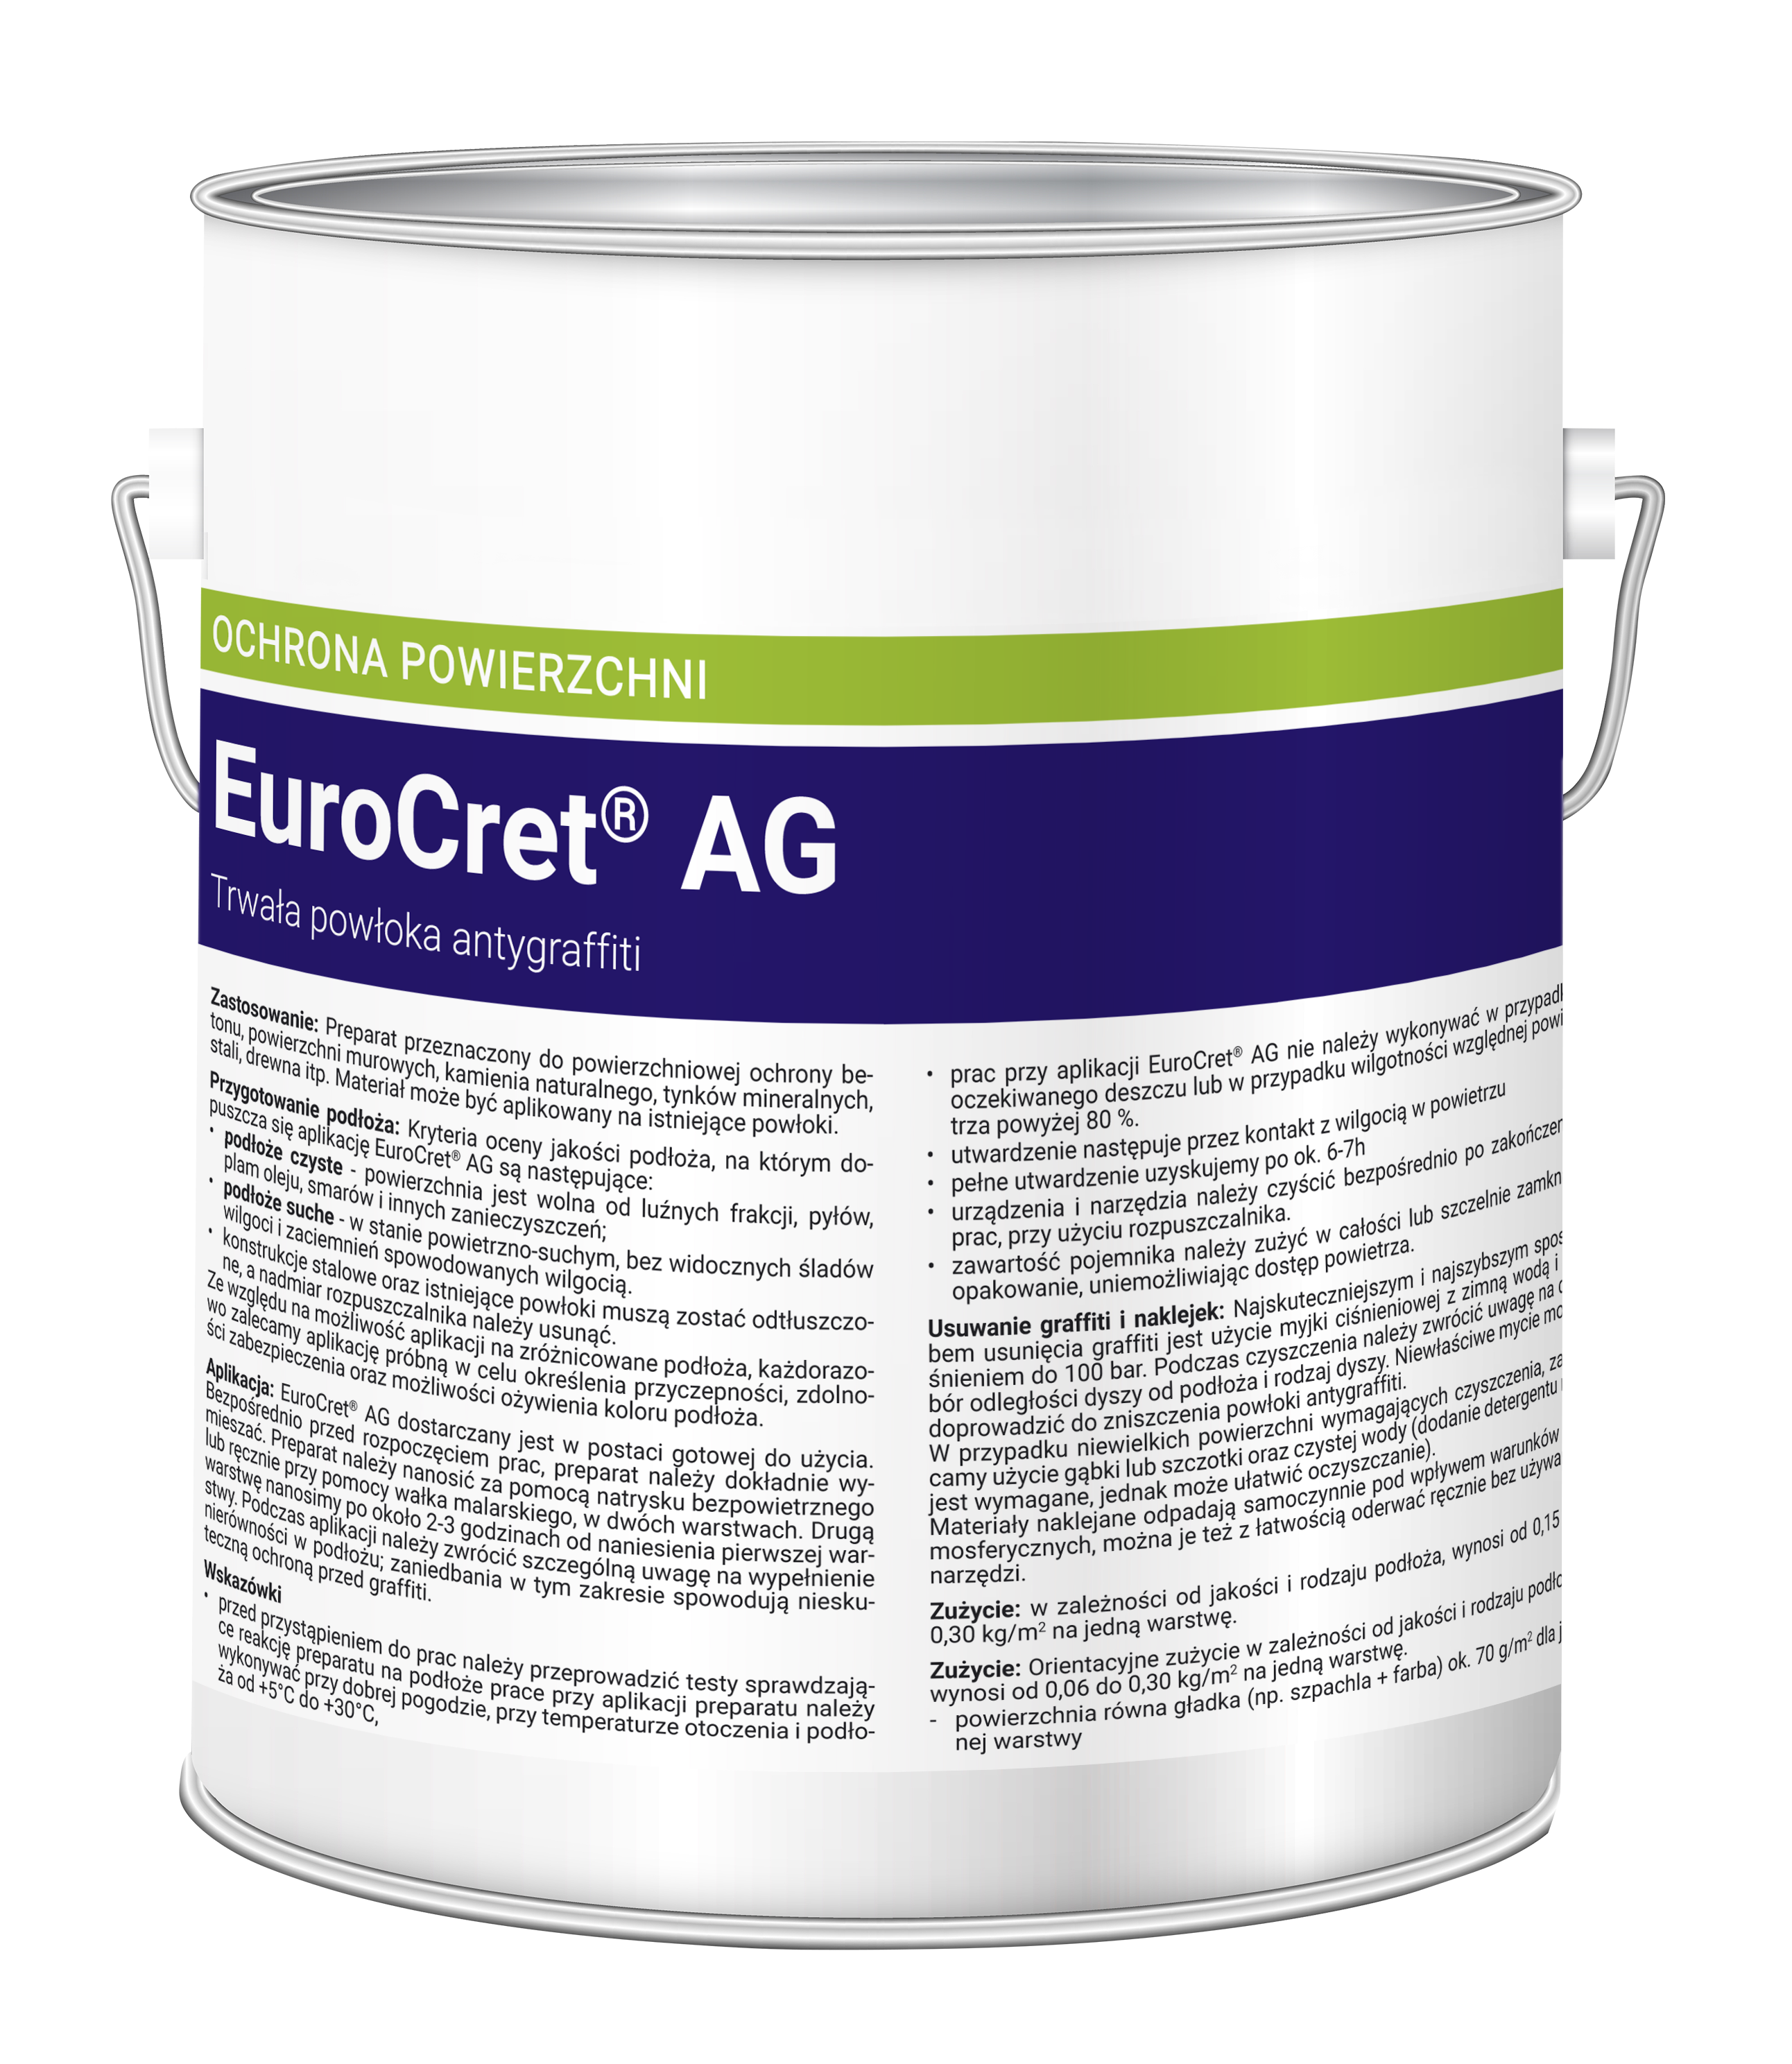 EuroCret AG